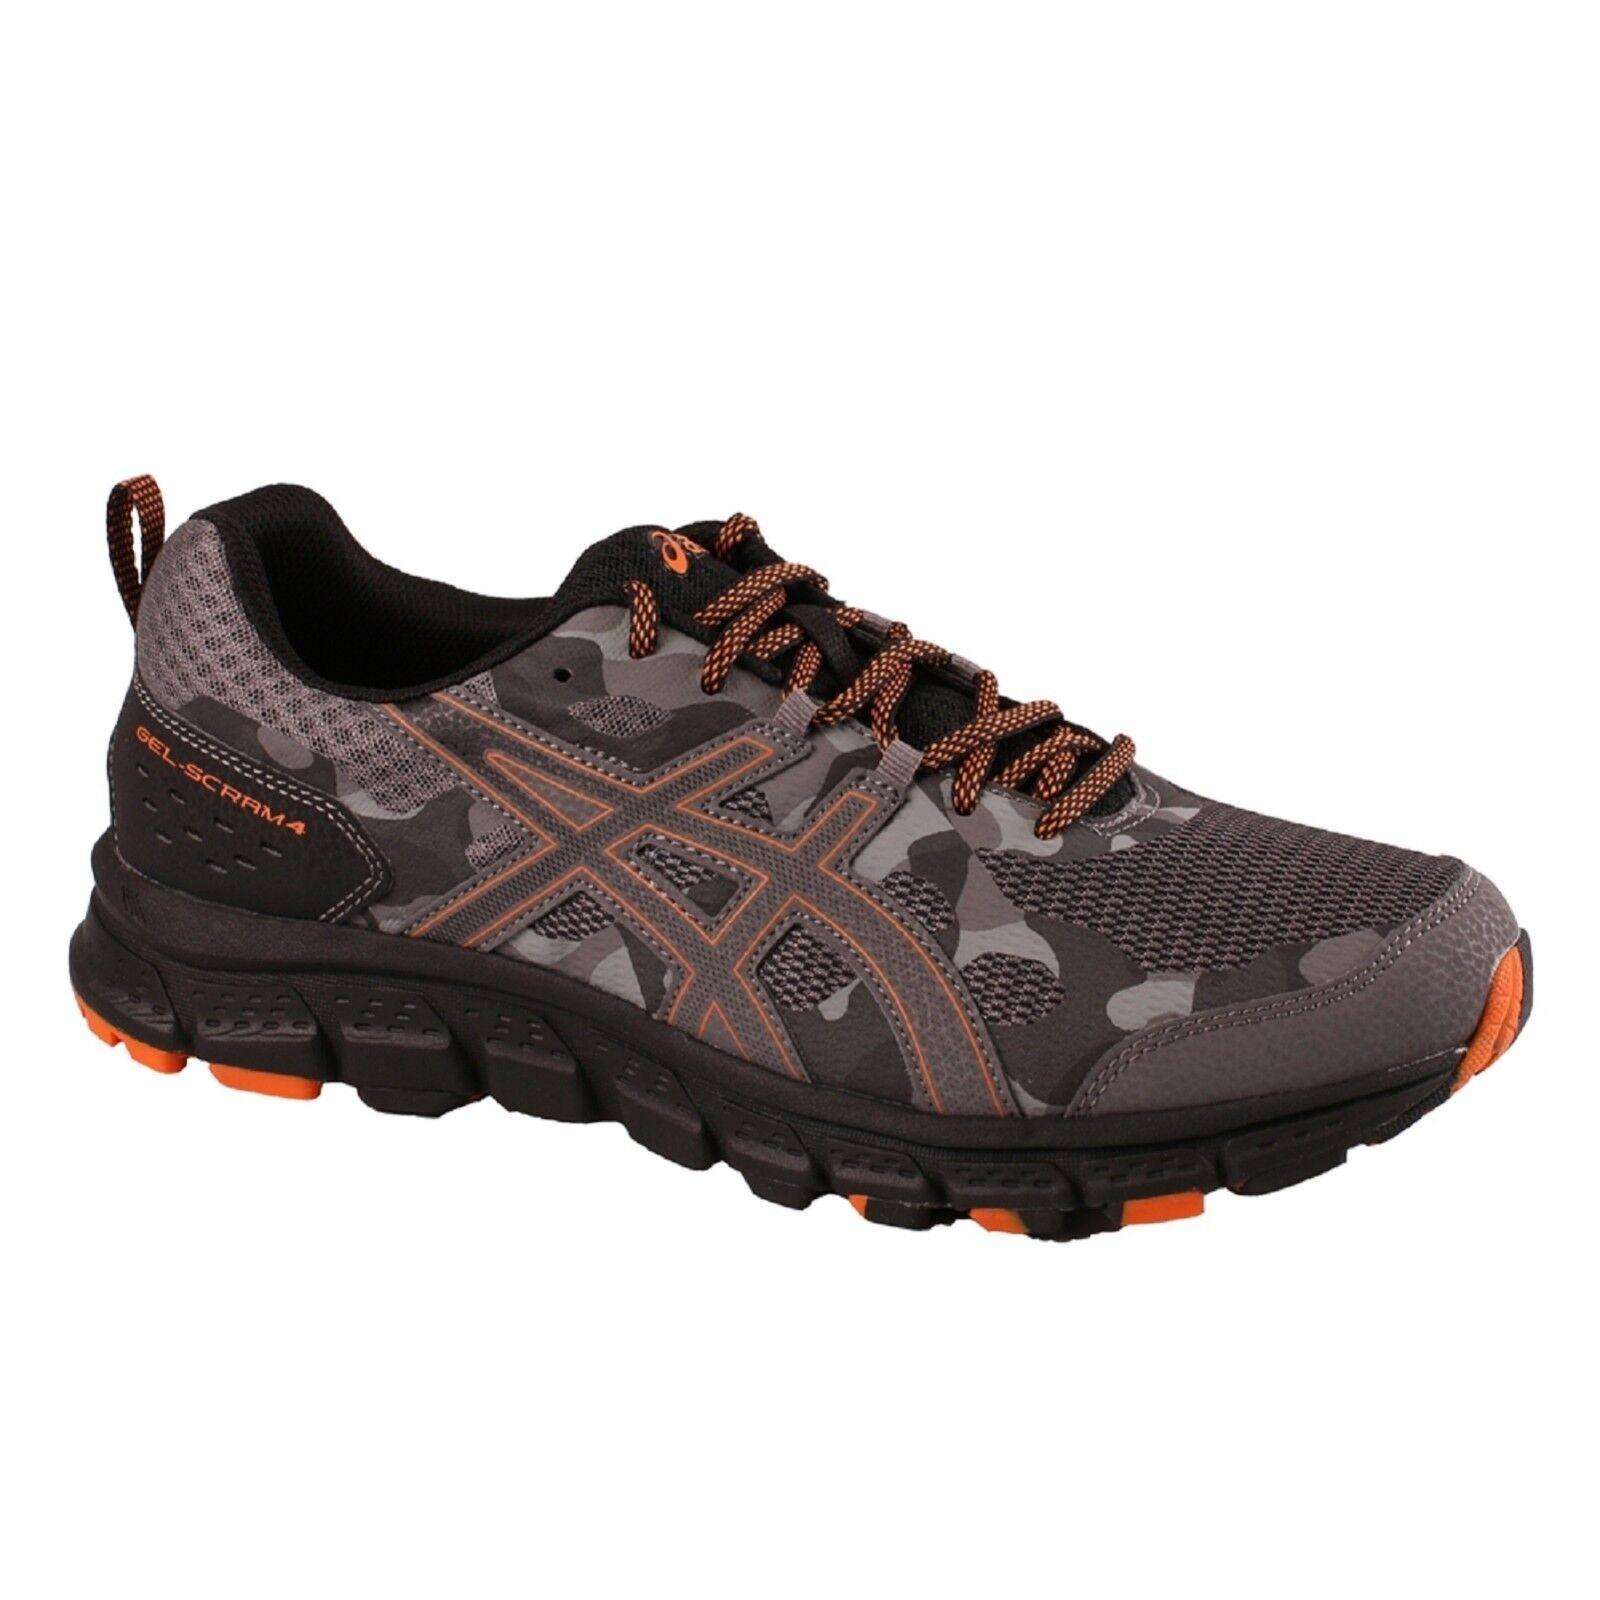 Gli asic 1011a187 gel-scram 4 (4e) 1011a187 asic / 020 carbonio lava tracce delle scarpe da corsa e36cd6